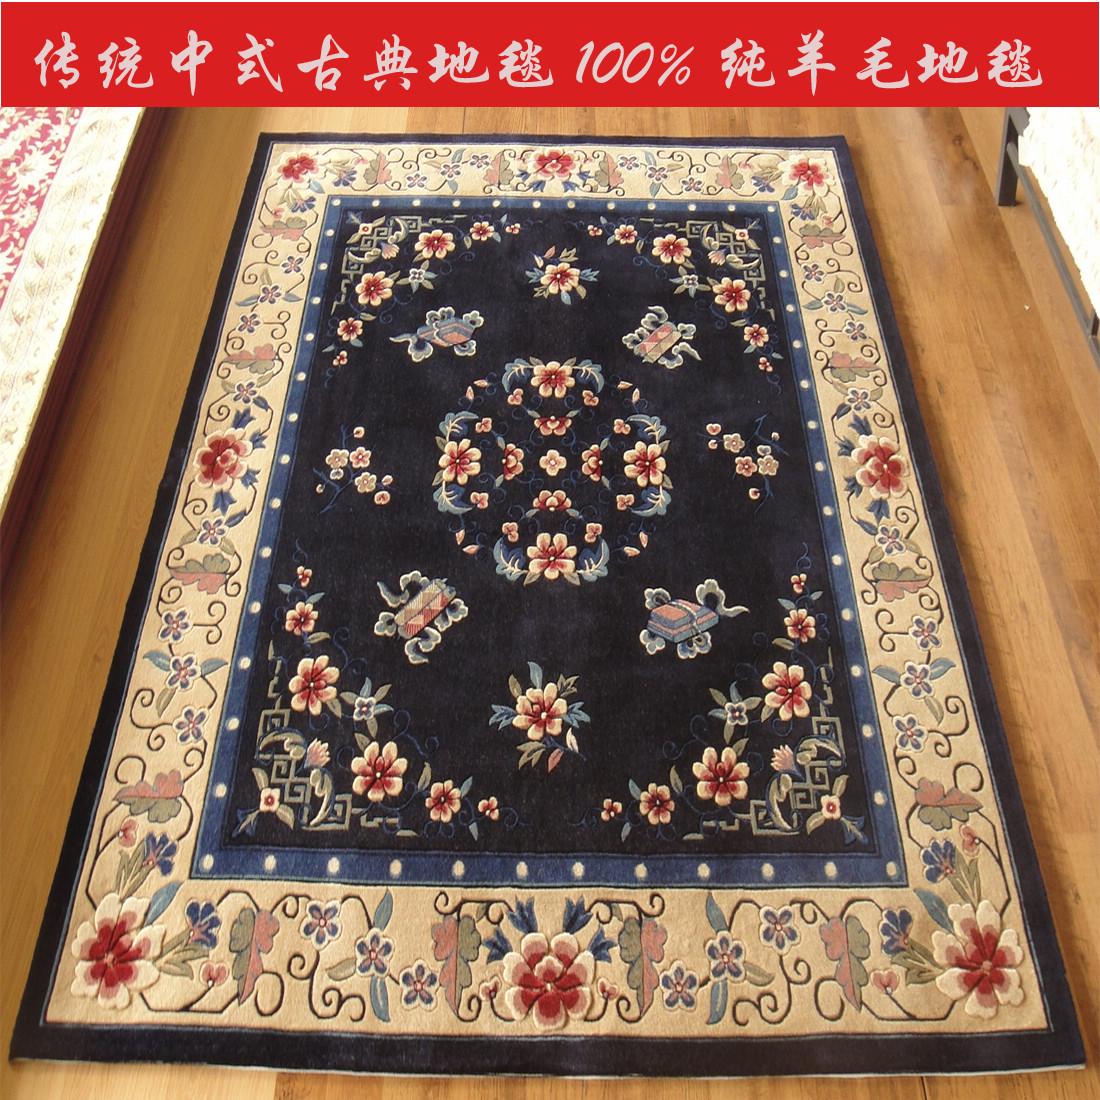 Le lavage des couvertures de laine magasin darticles promotionnels 0 sur al - Tapis classique laine ...